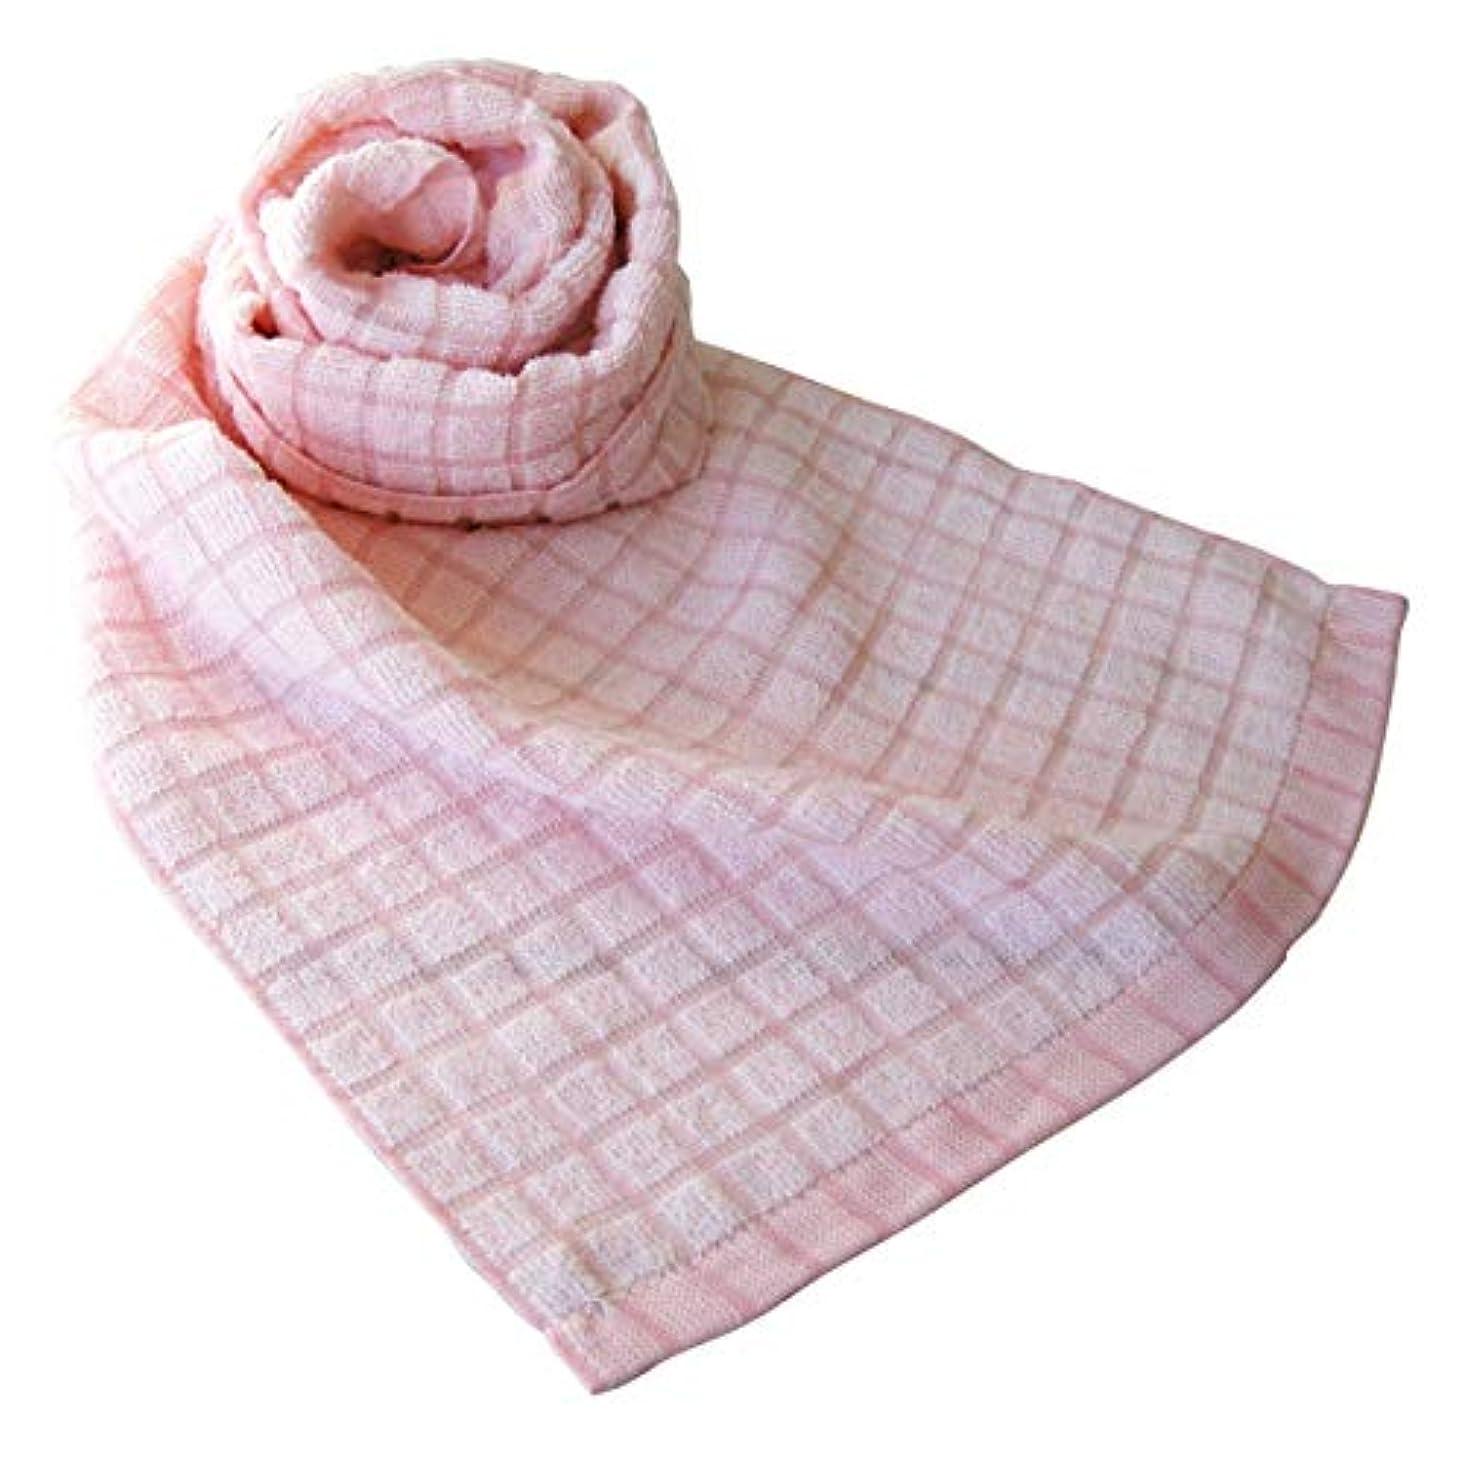 おばさん醜いスカーフ今治タオル 今治 タオル ボディタオル もってこタオル 2Way ボディータオル オリム ORIM CL-1500 全12色(ローズ)